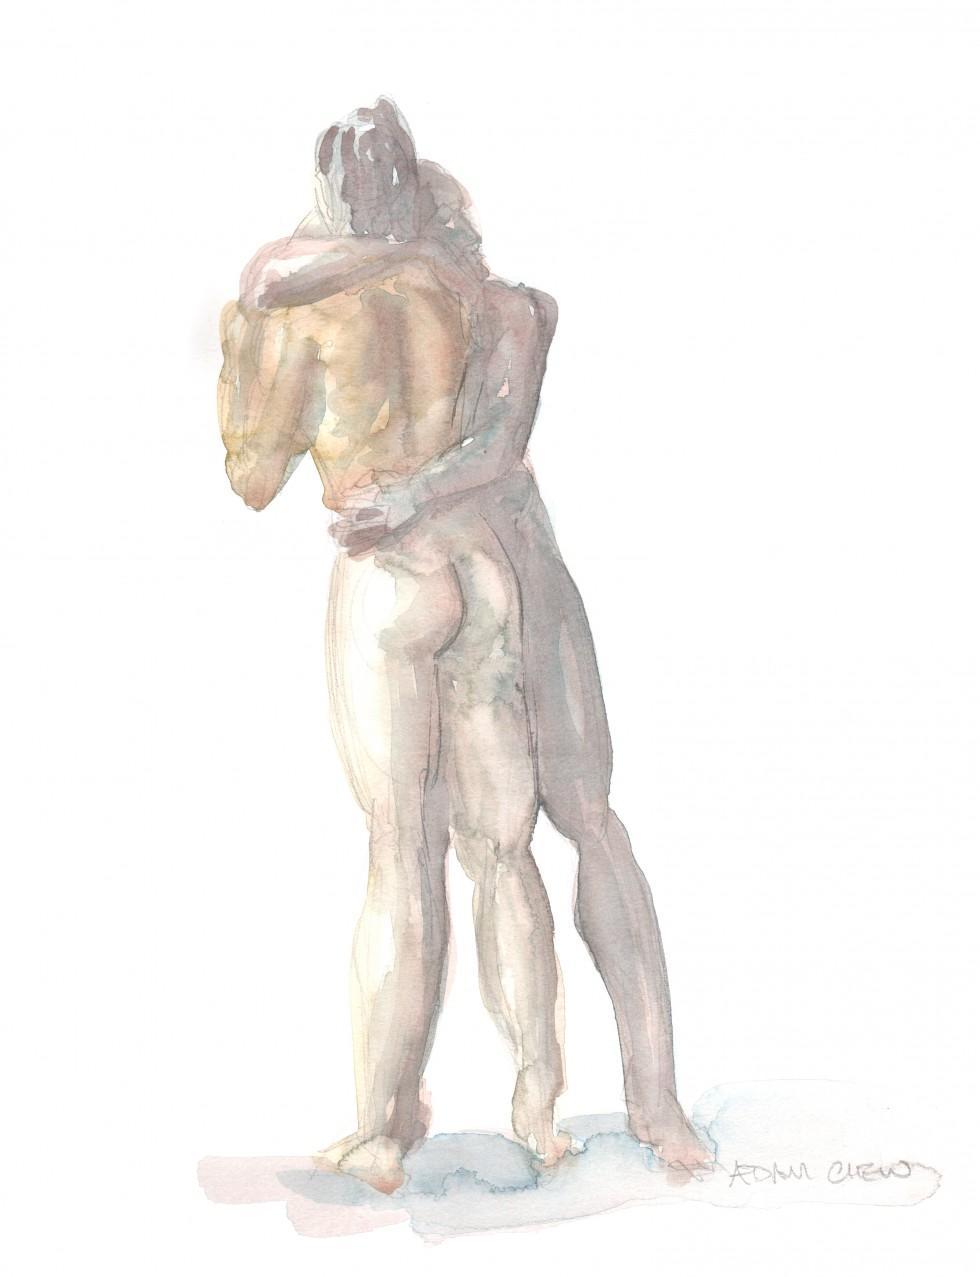 embrace - Adam Chew, 2014